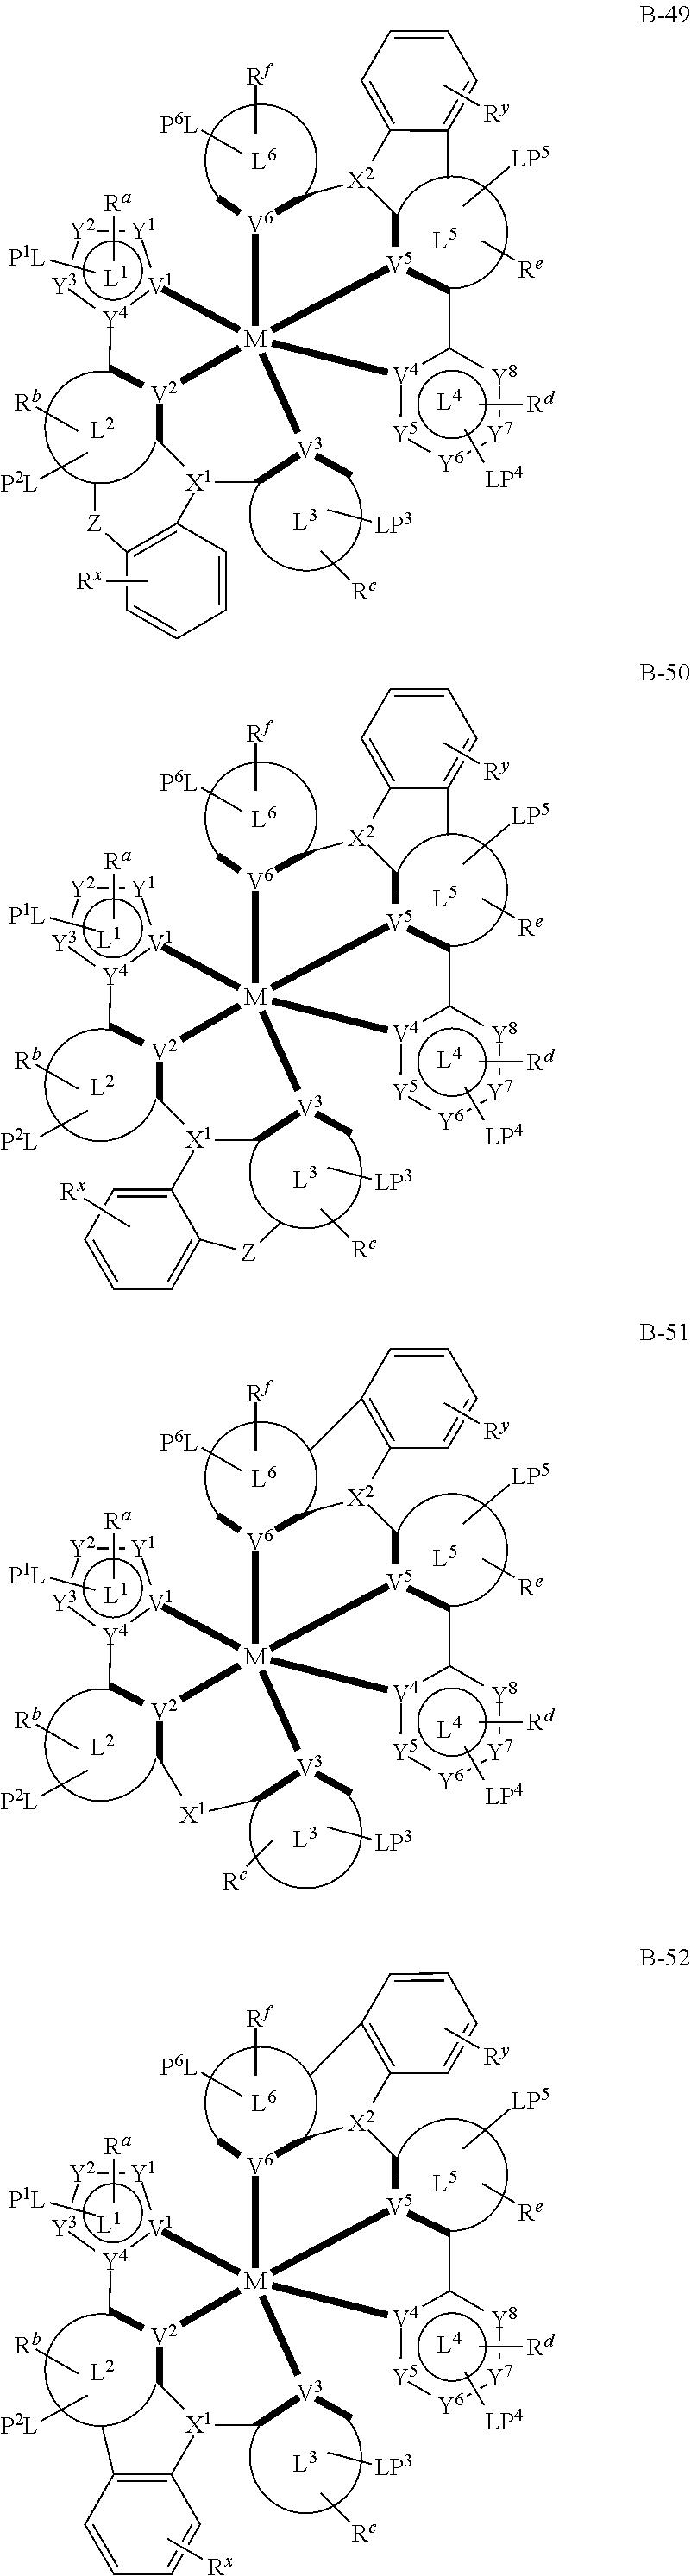 Figure US09818959-20171114-C00027